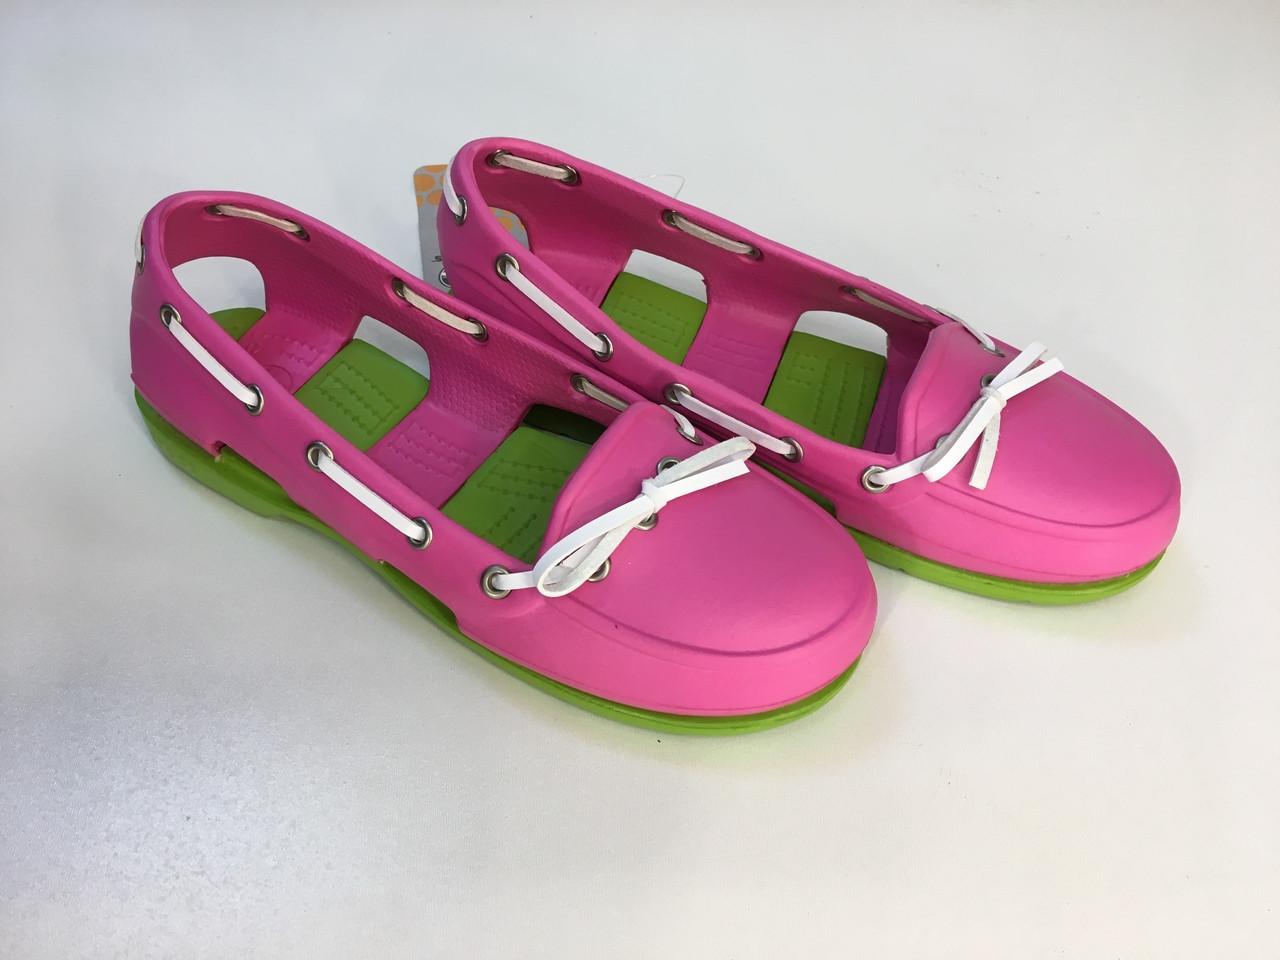 Мокасины Crocs женские Beach Line Boat Shoe розовые 39 разм.